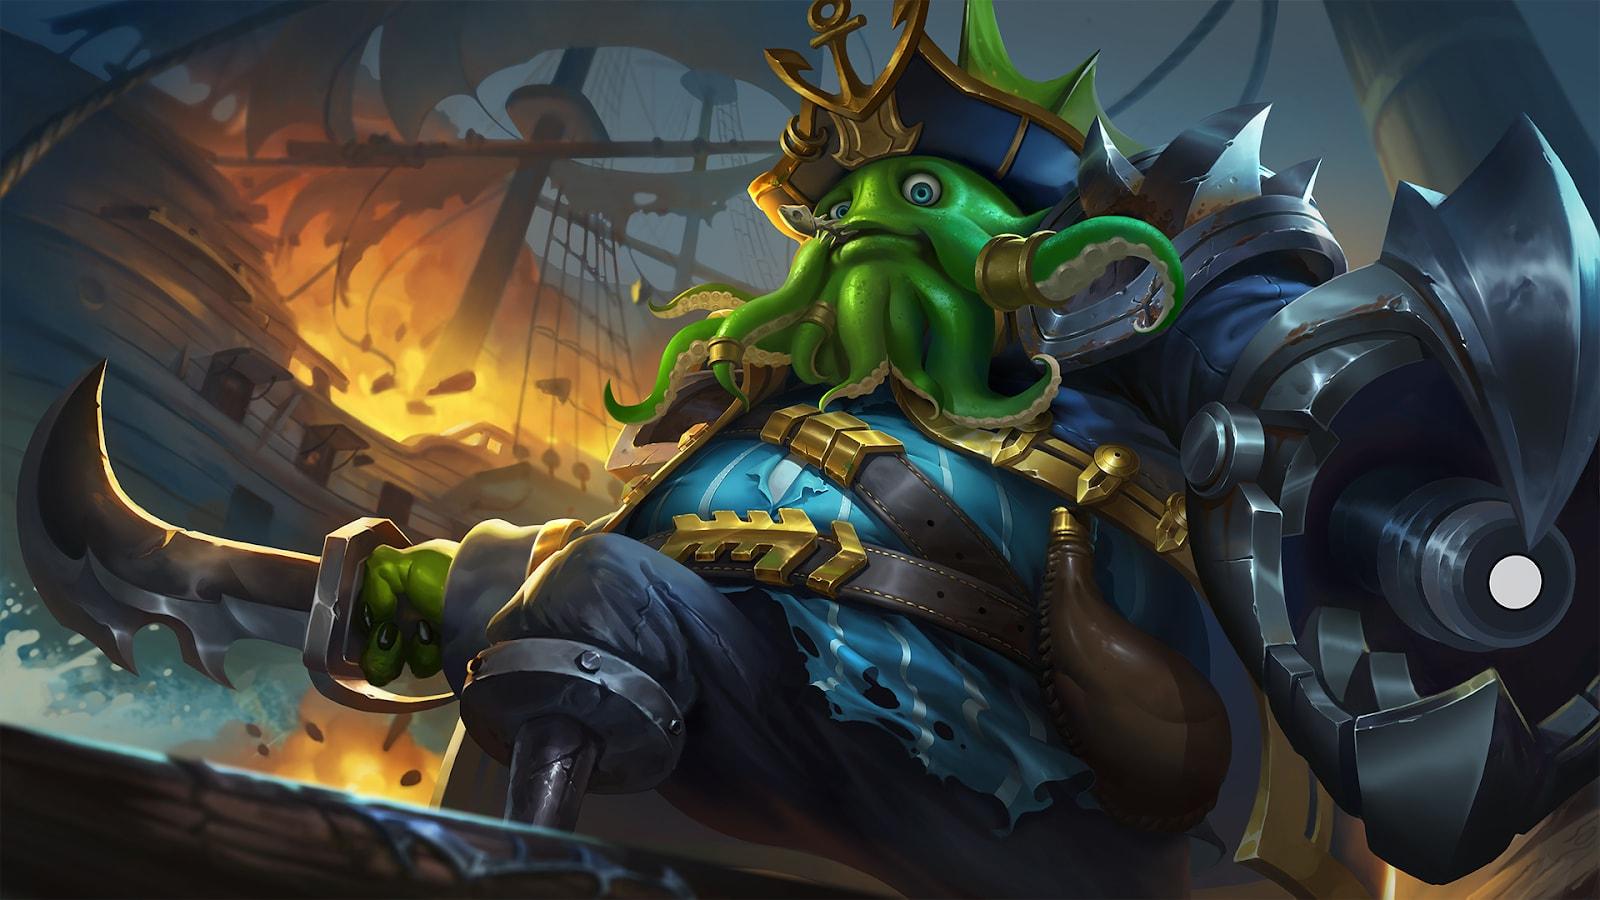 Wallpaper Bane Deep Sea Monster Mobile Legends Full HD for PC